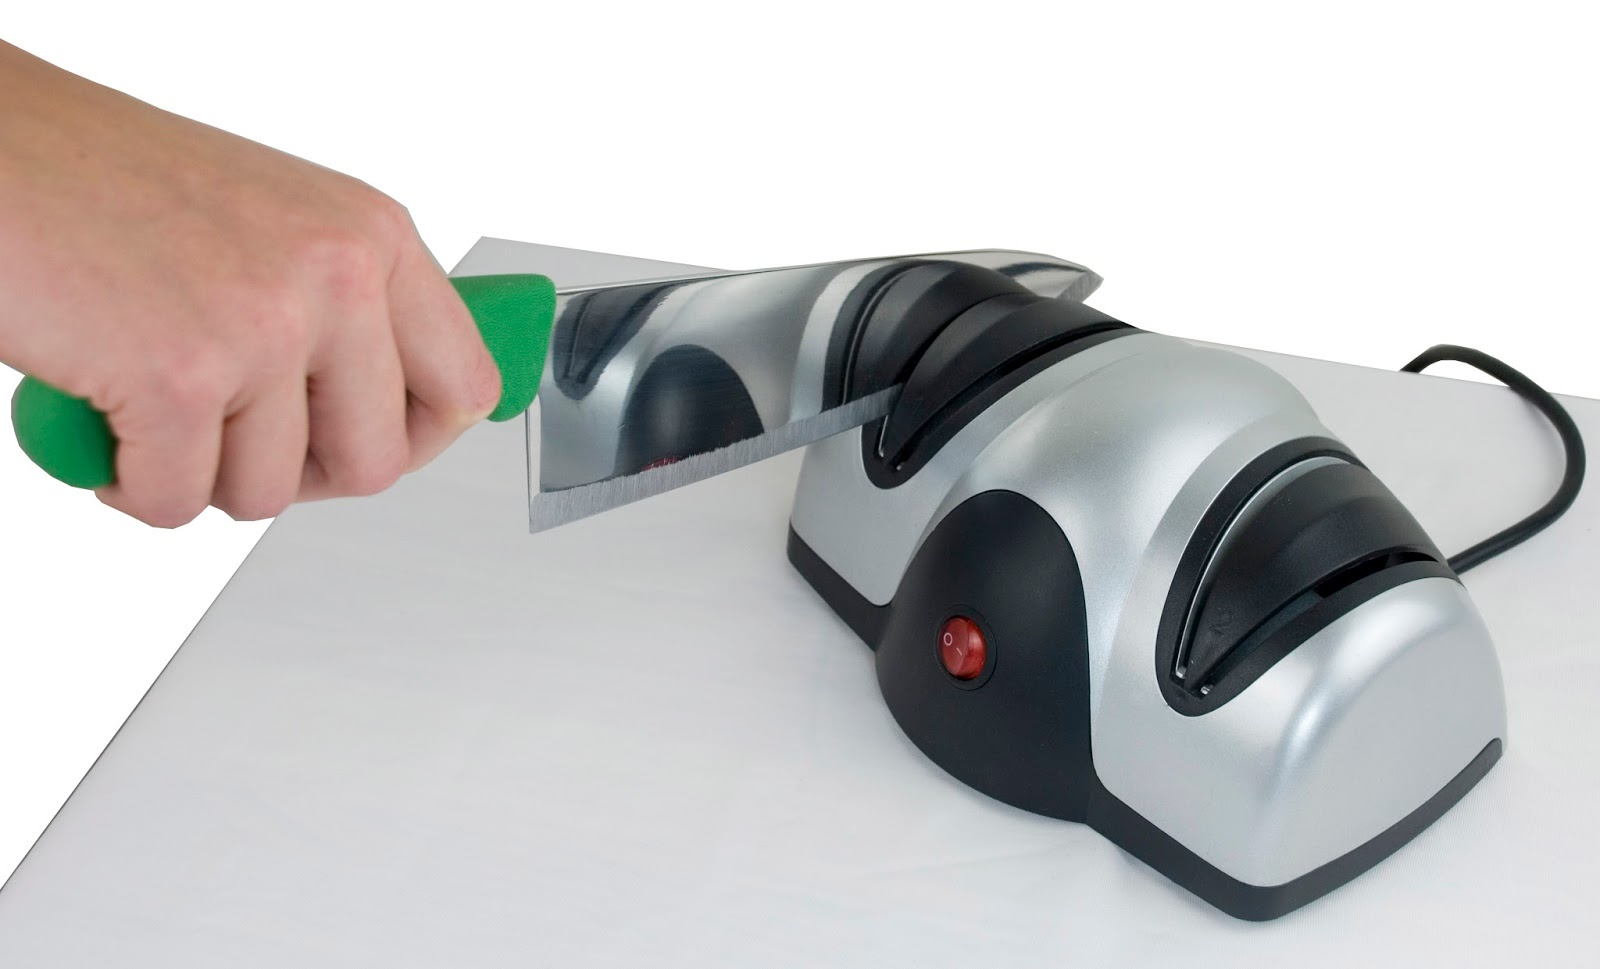 Ножеточка электрическая Migliores Точилка для ножей электрическая, черный, серебристый Migliores